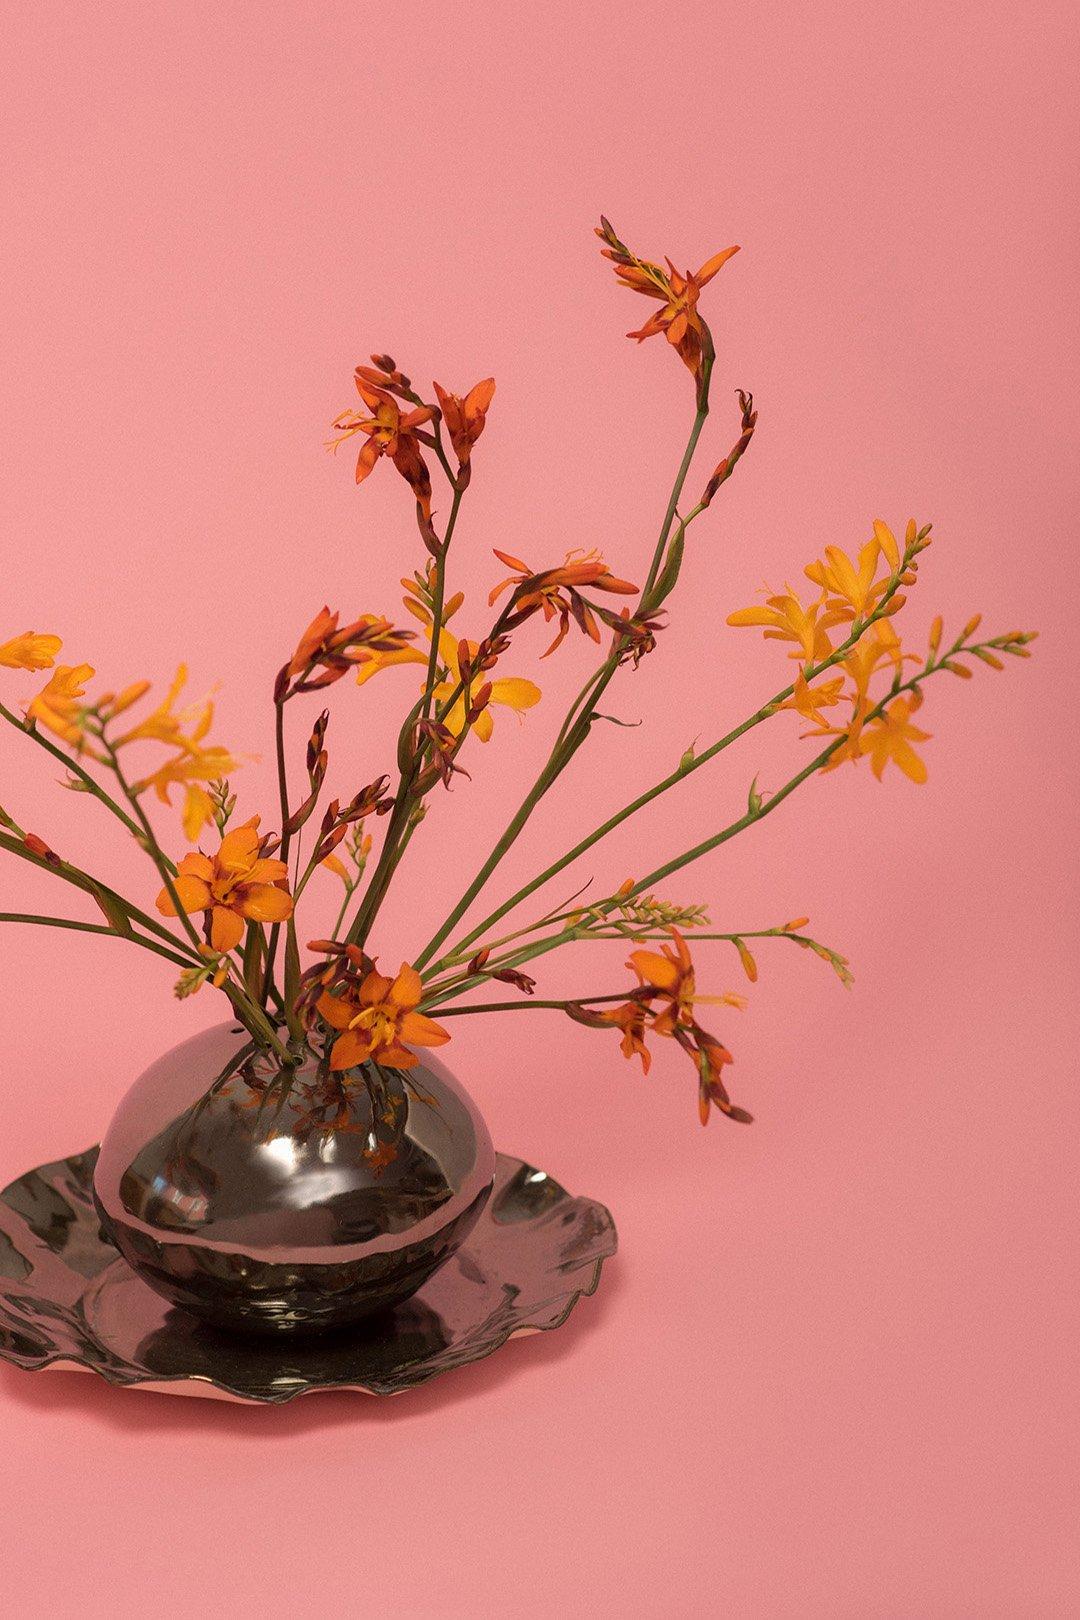 nathaleepaolinelli-vase-project-florist-04